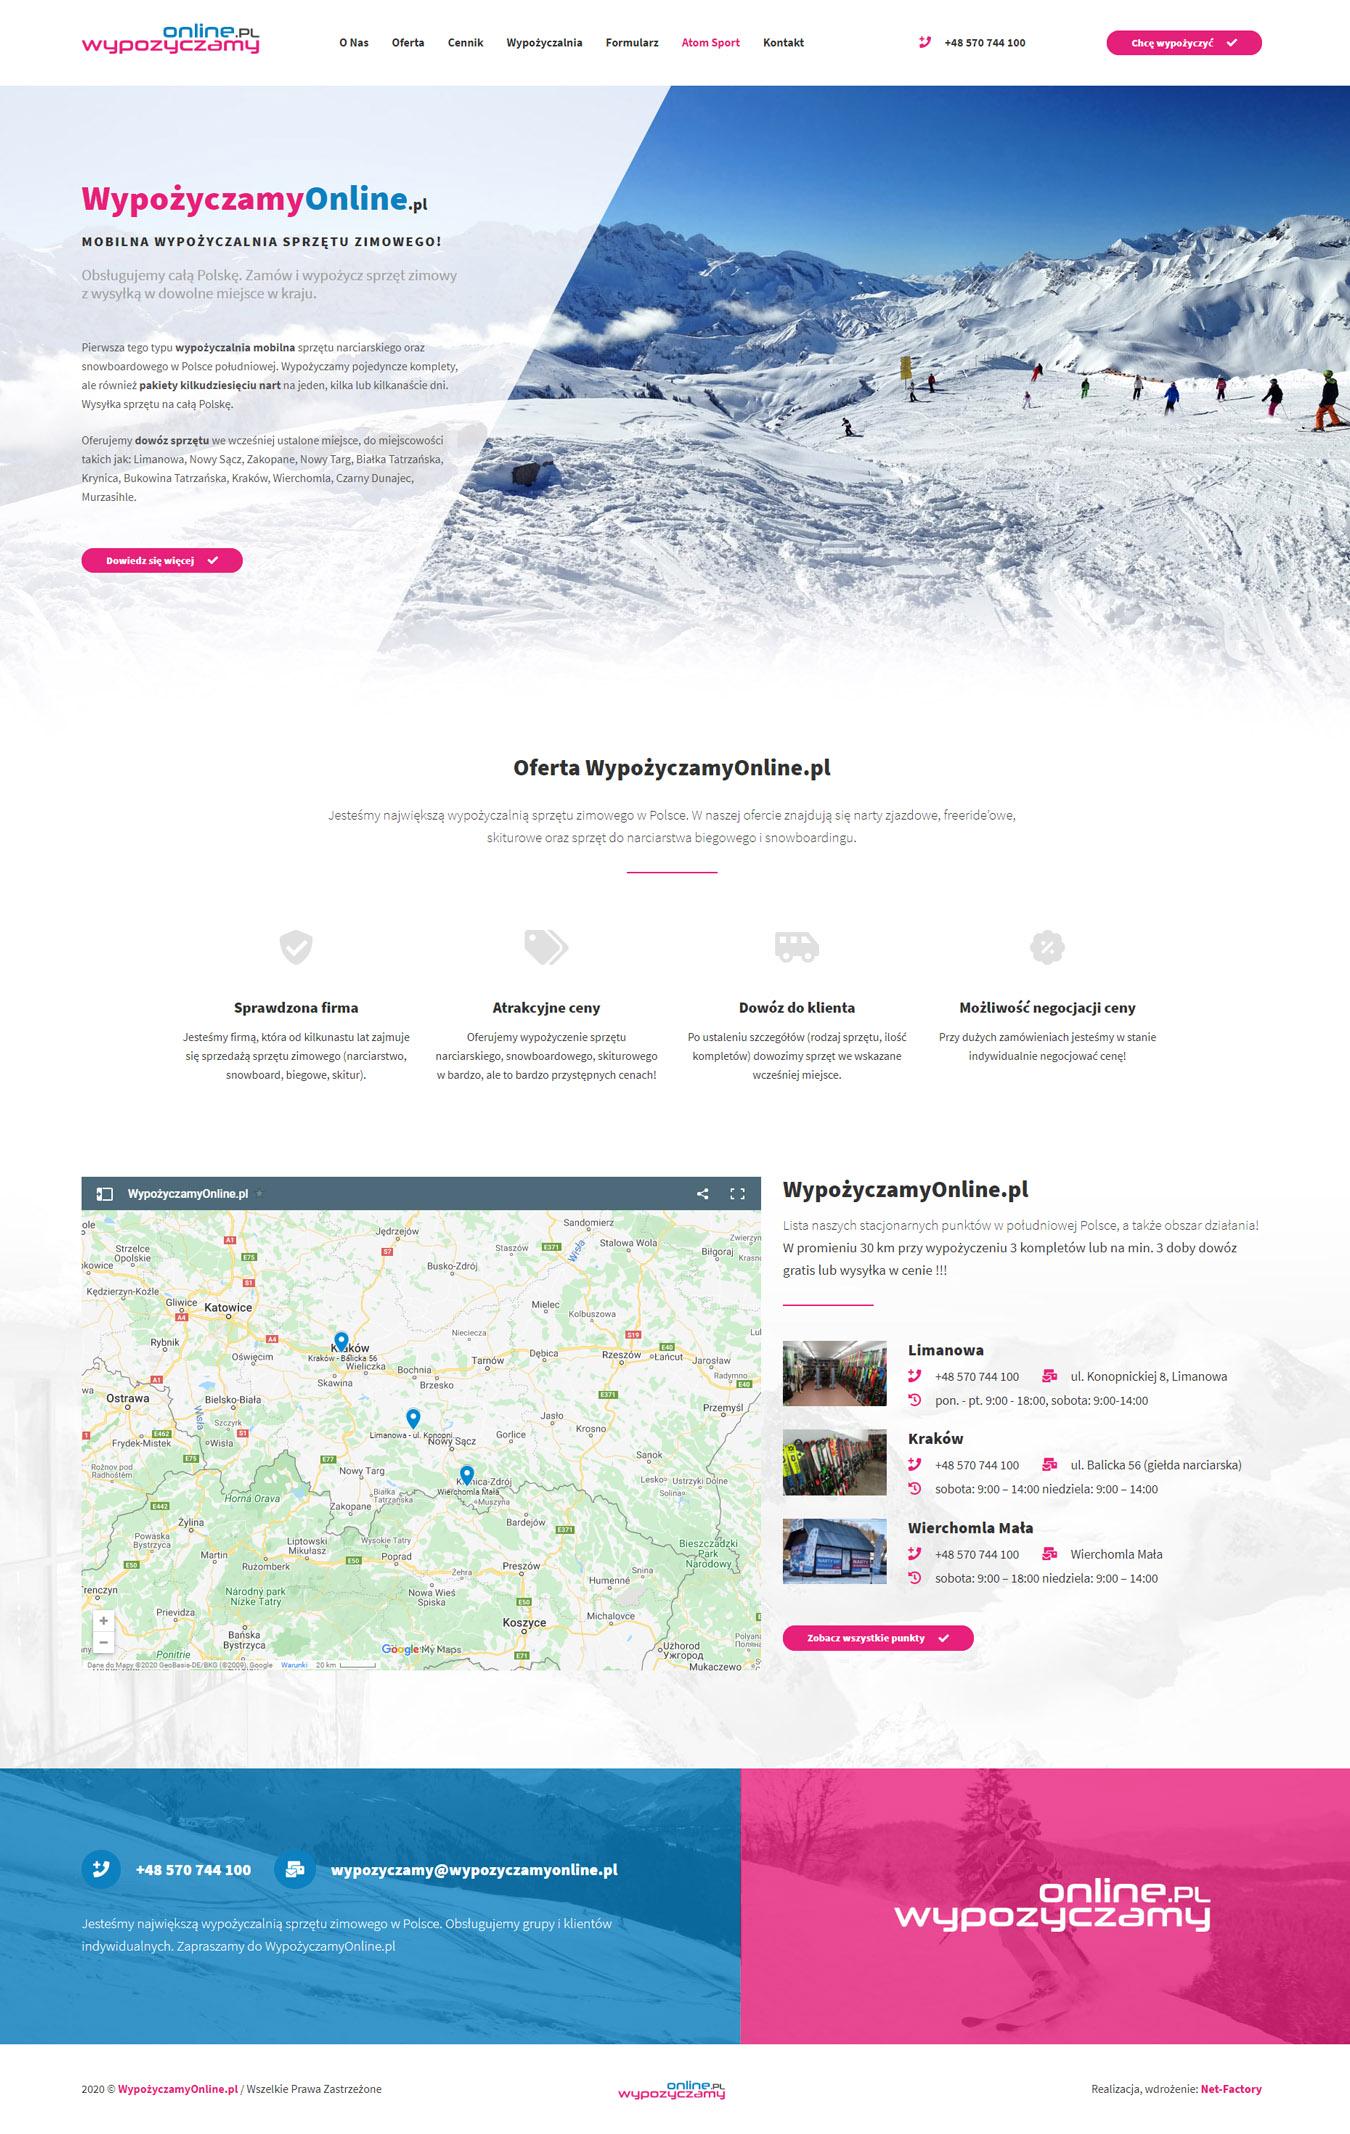 WypożyczamyOnline.pl – responsywna witryna mobilnej wypożyczalni sprzętu zimowego